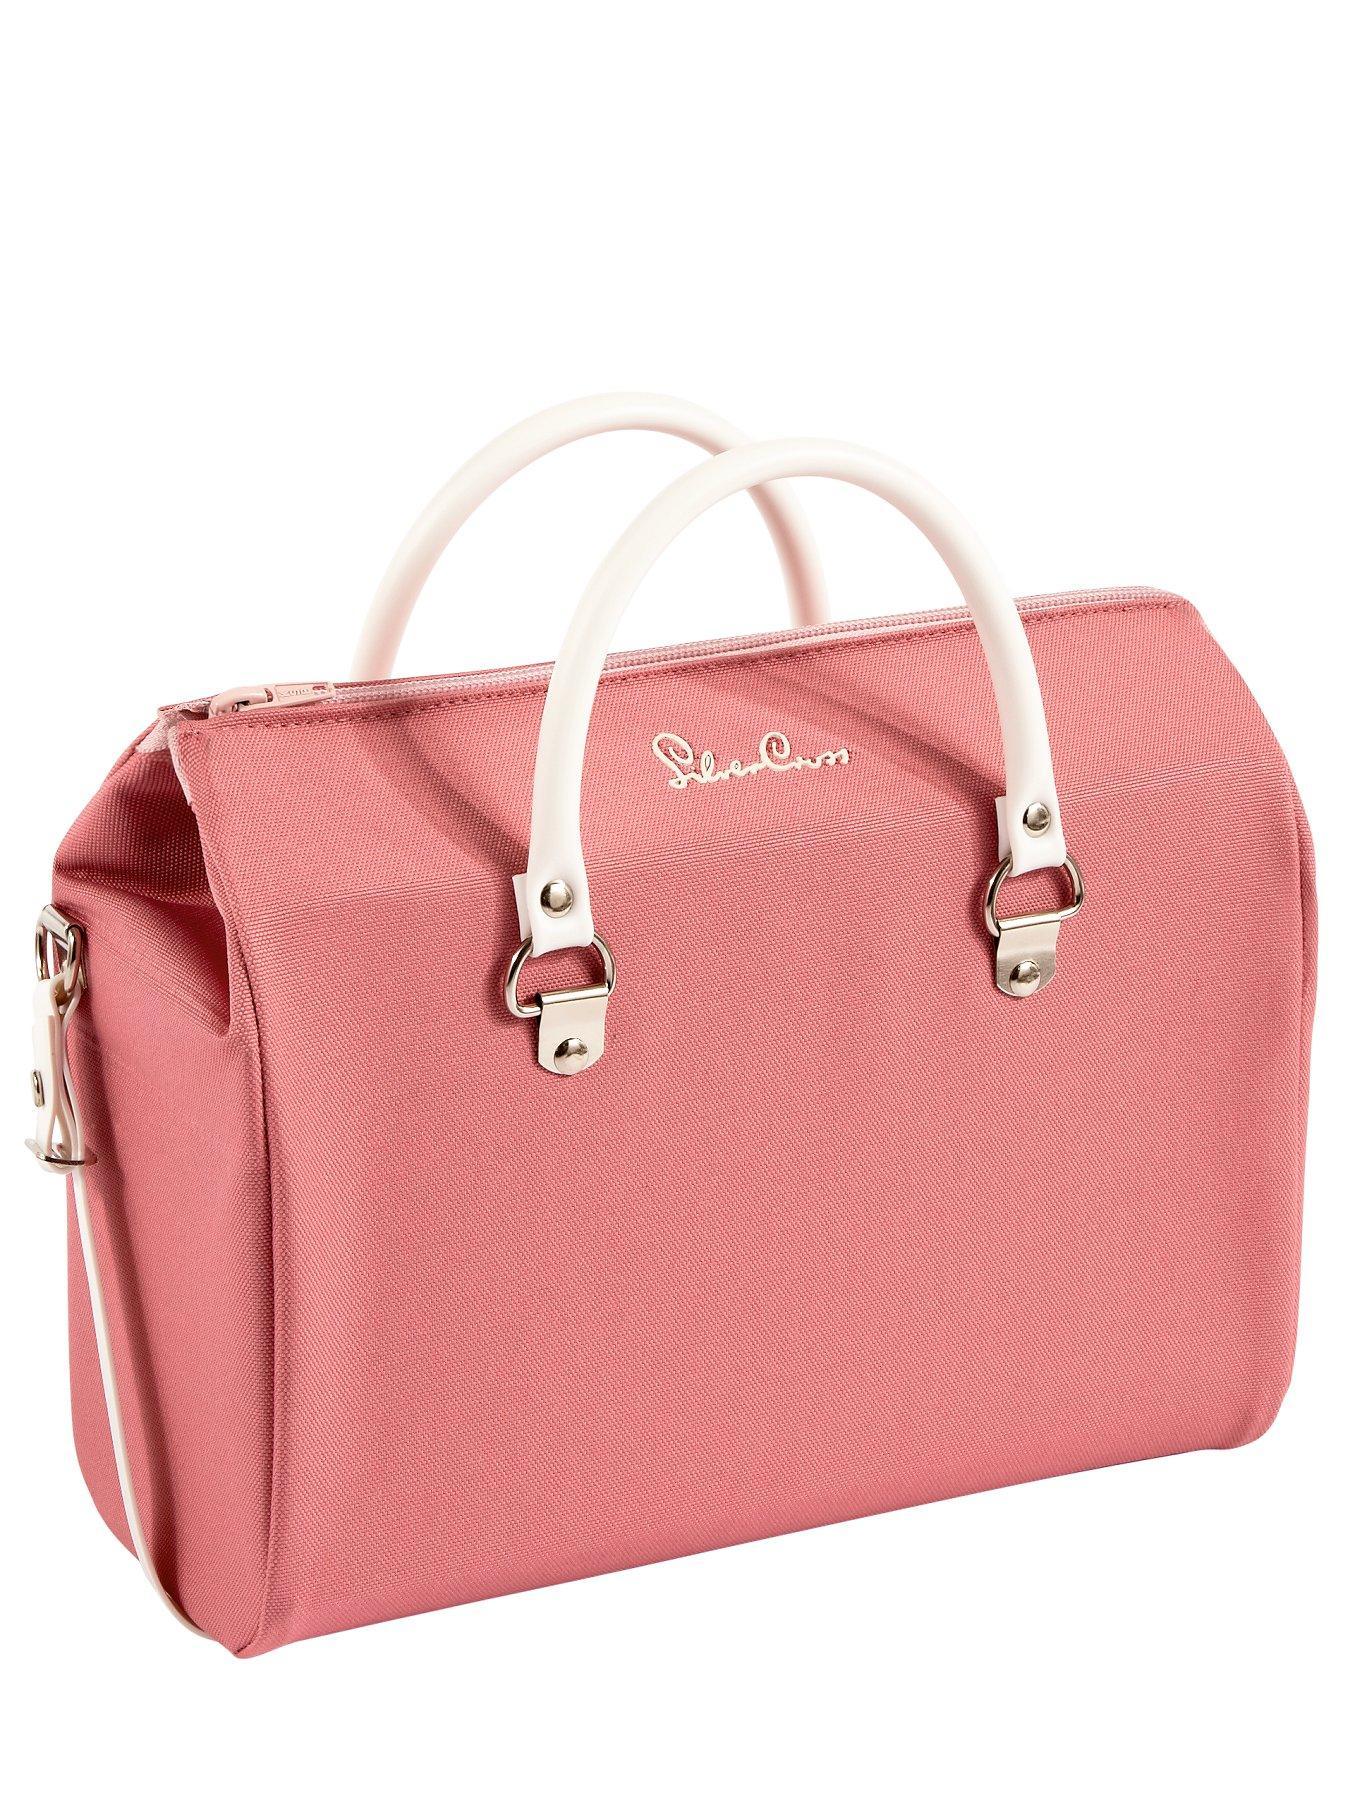 Dolls Pram Bag - Pink